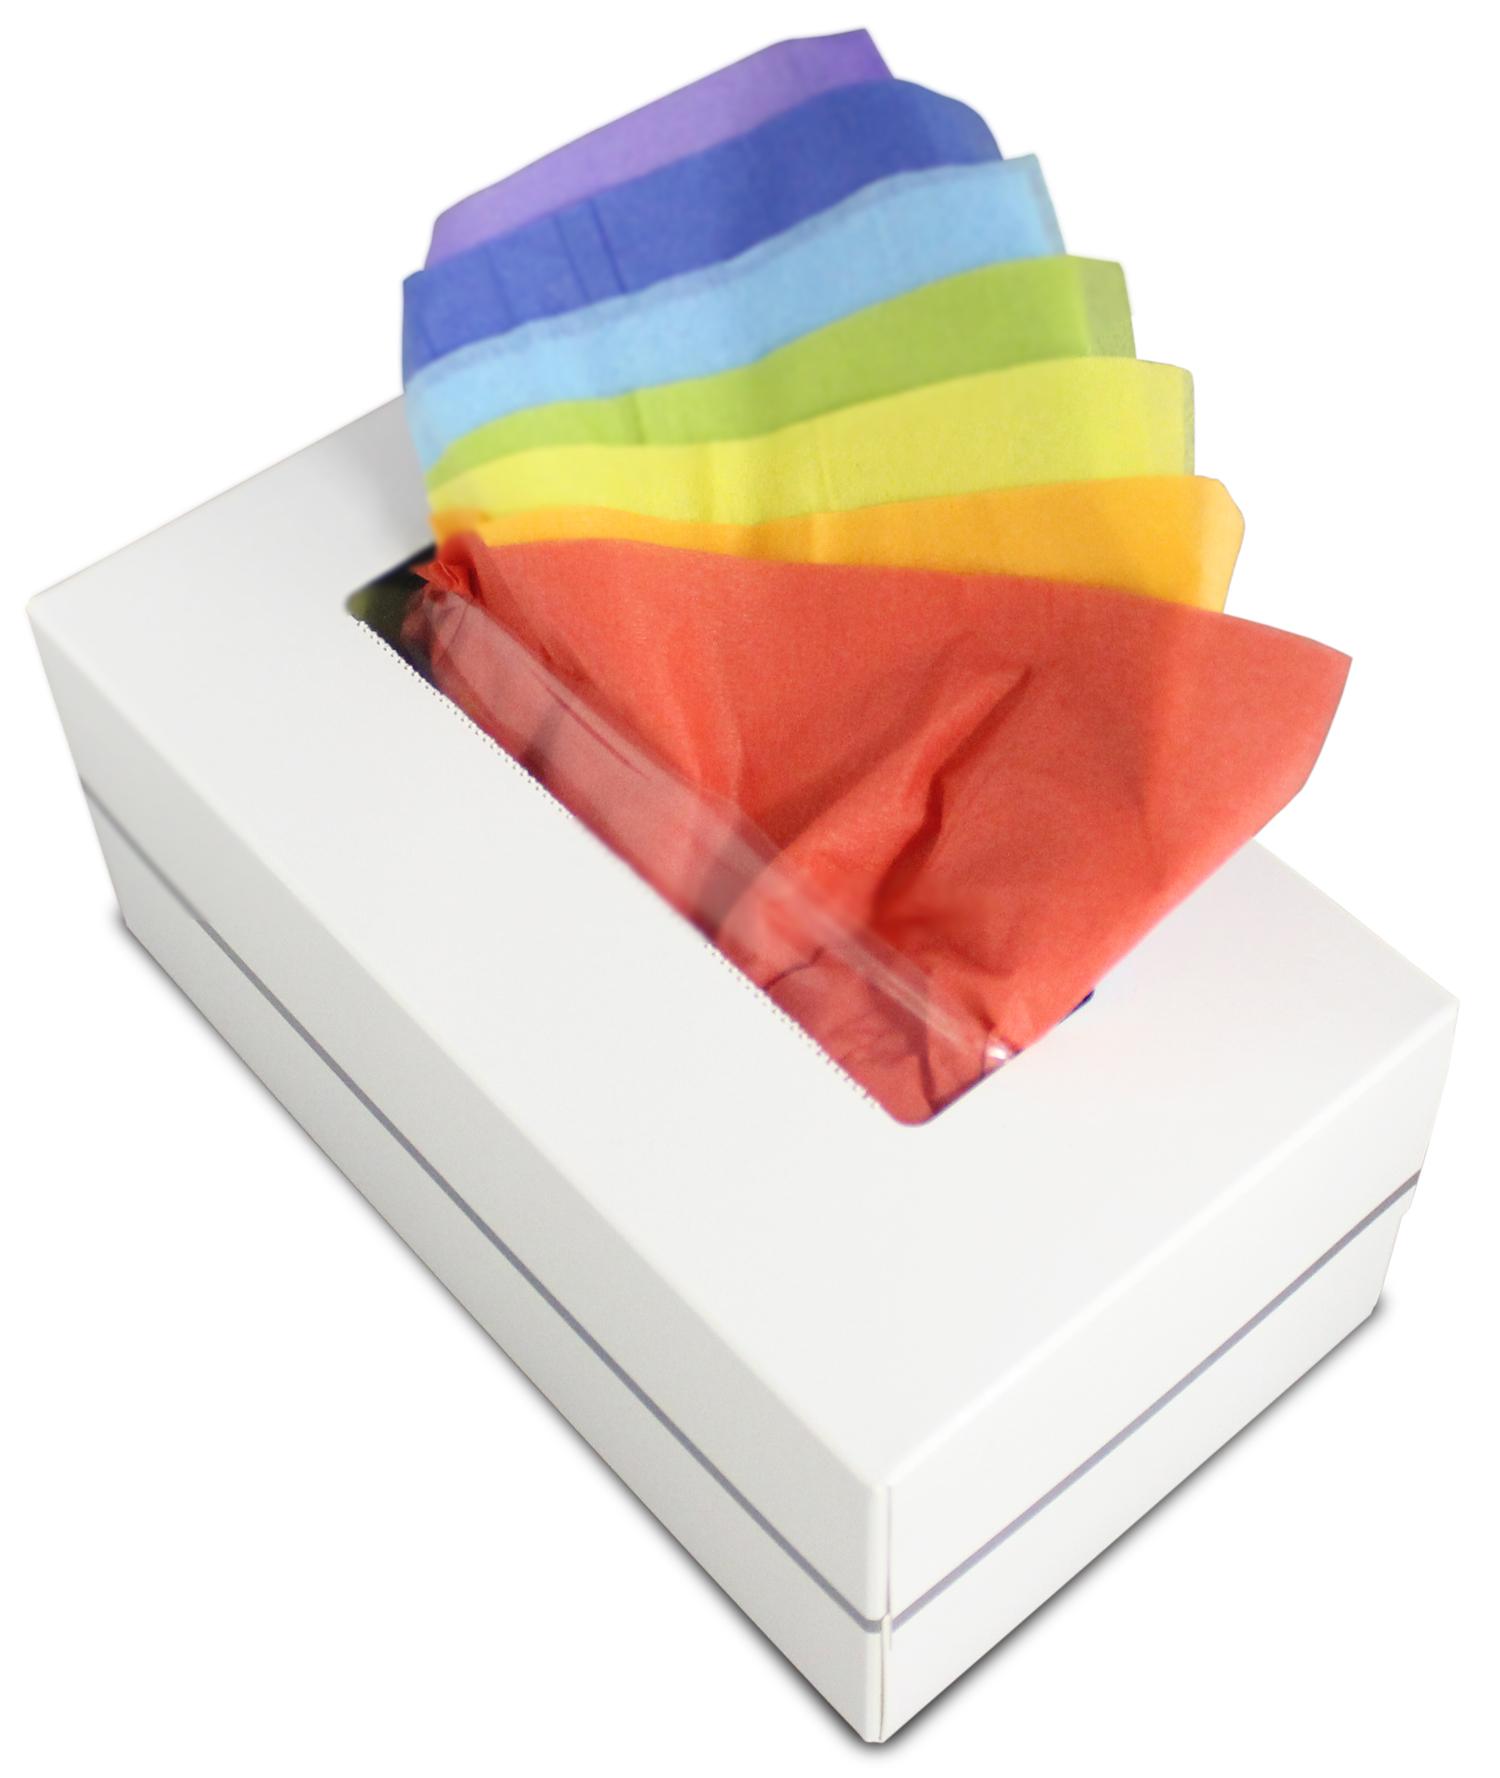 七色のティシューが取り出せる 「七宝(しっぽう)ティシュー」 2012年10月1日(月)より インターネット発売